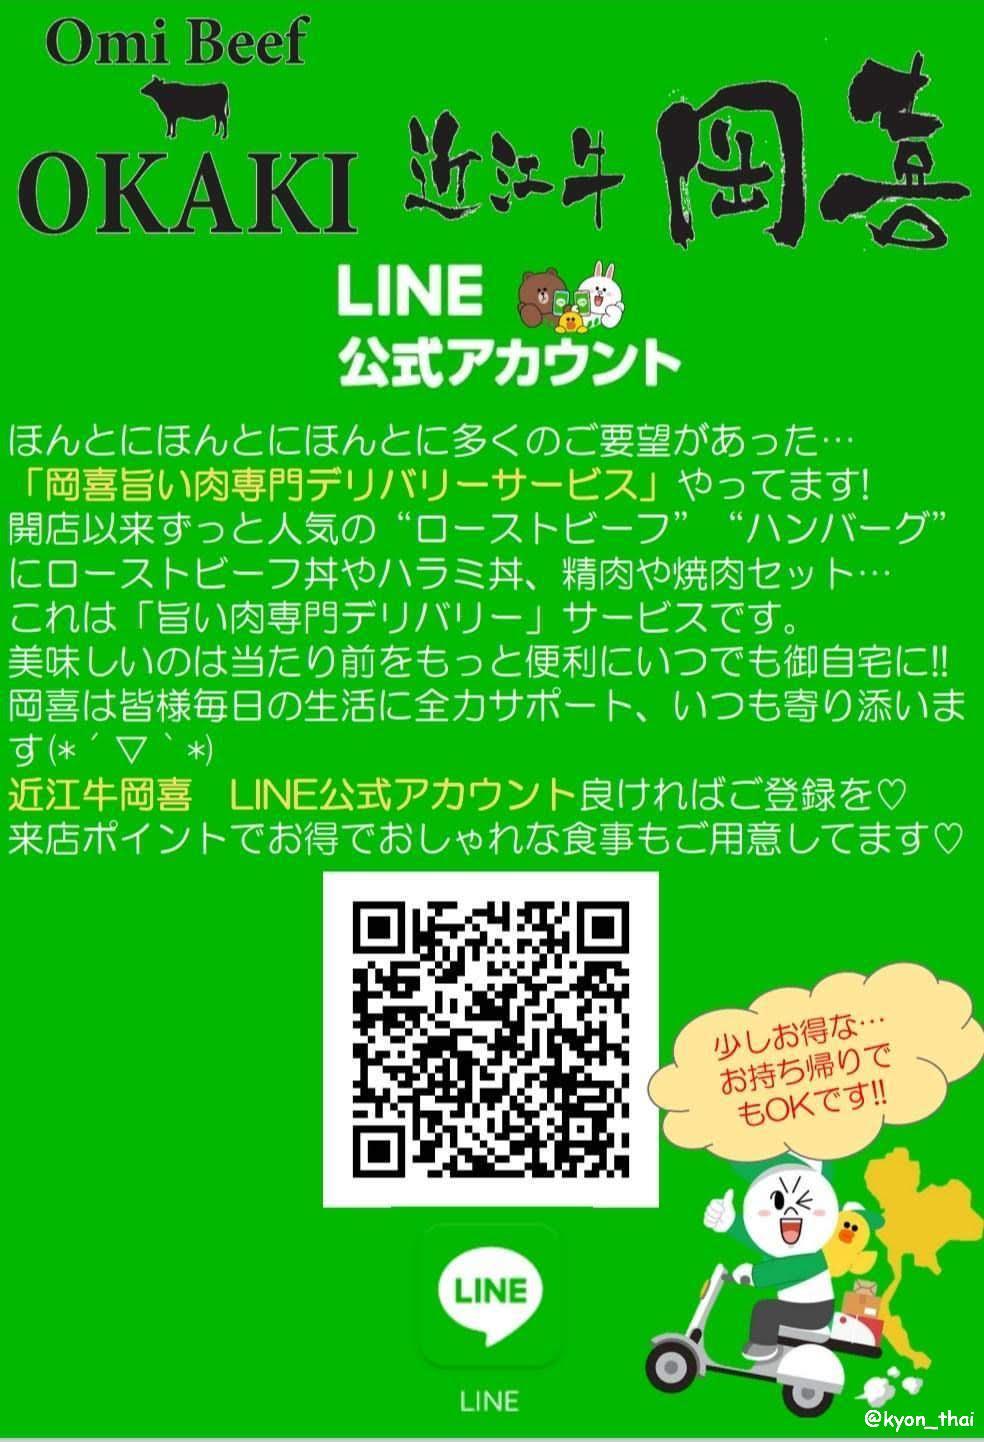 岡喜のLINE